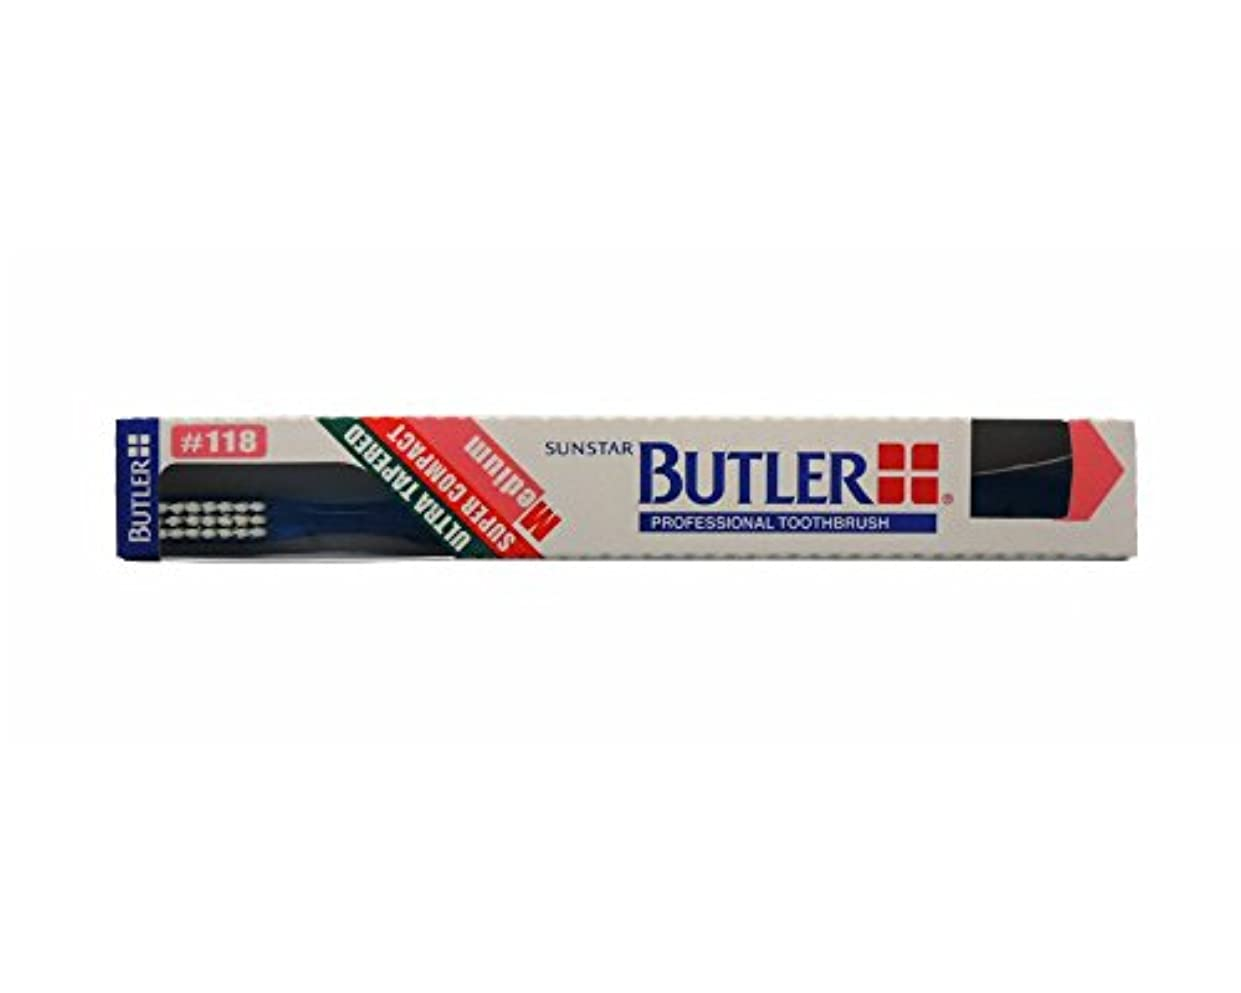 絶縁する投げるカジュアルバトラー 歯ブラシ 1本 #118 ブルー